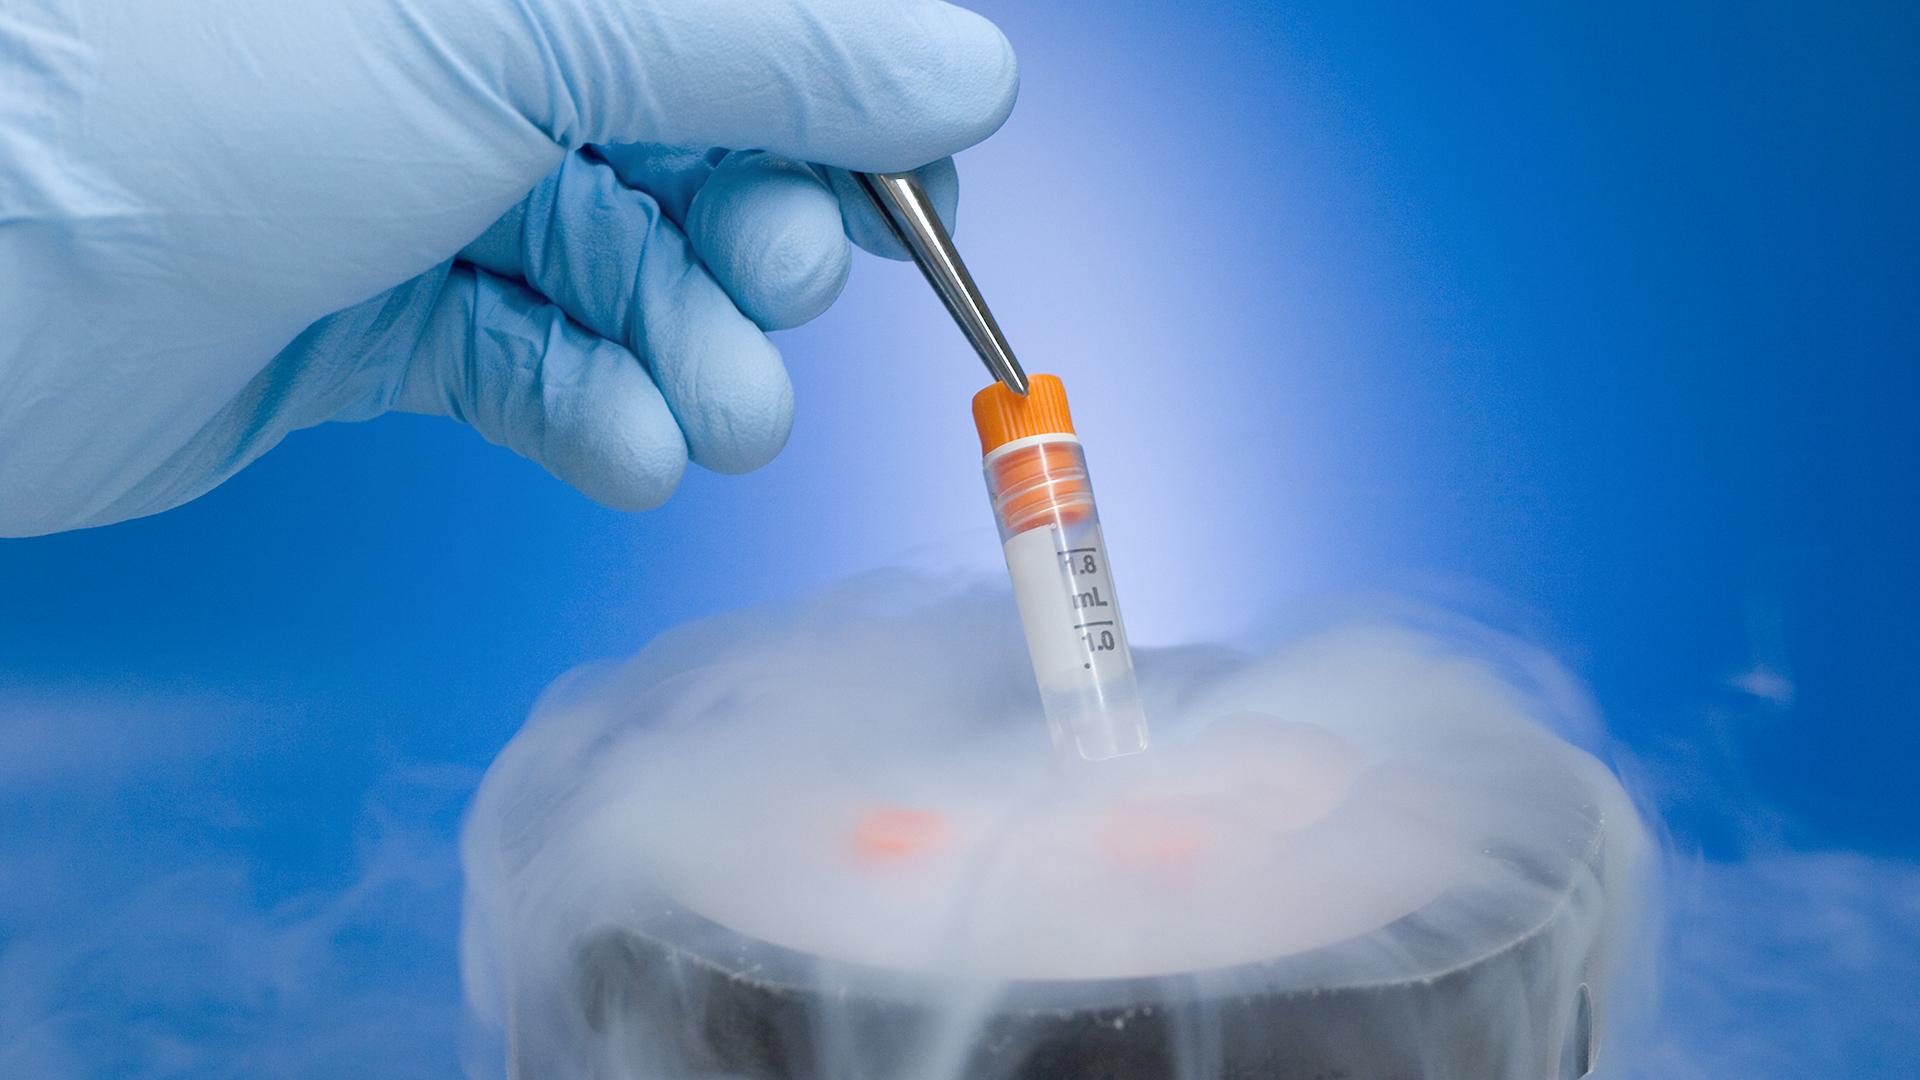 27 év fagyasztás után született meg egy embrió